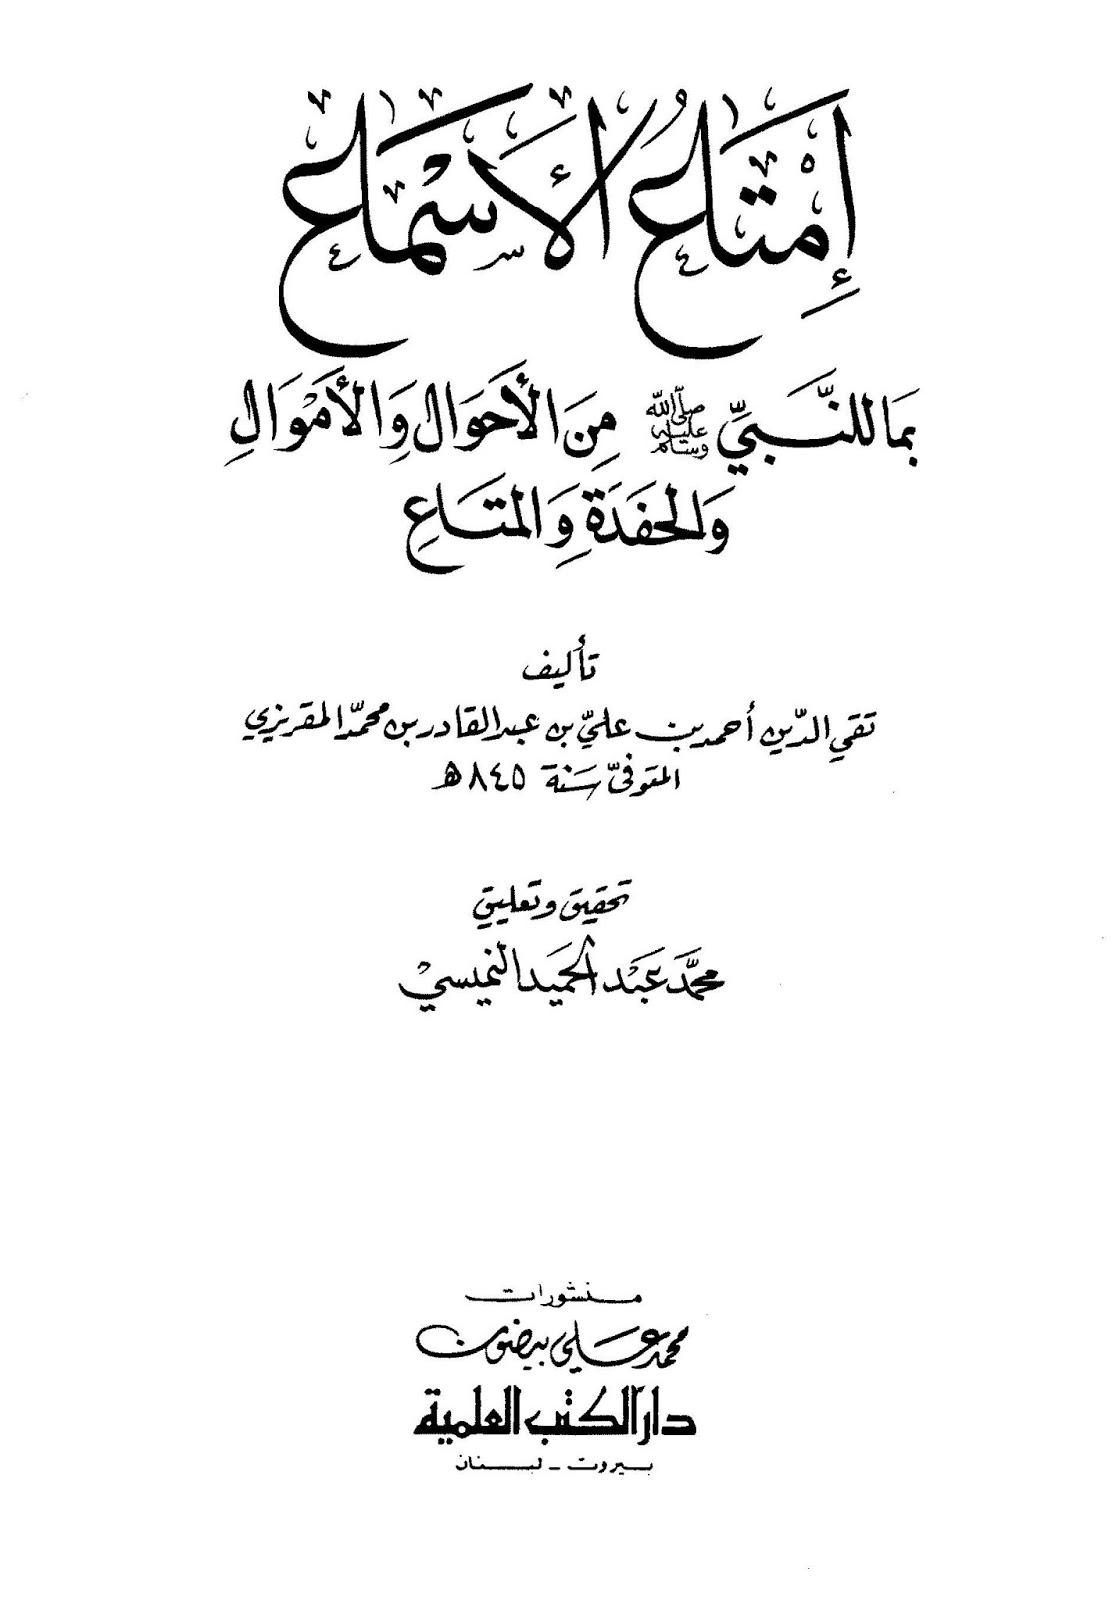 إمتاع الأسماع بما للنبي من الأحوال والأموال والحفدة والمتاع - تقي الدين المقريزي (15 مجلد على رابط واحد) pdf